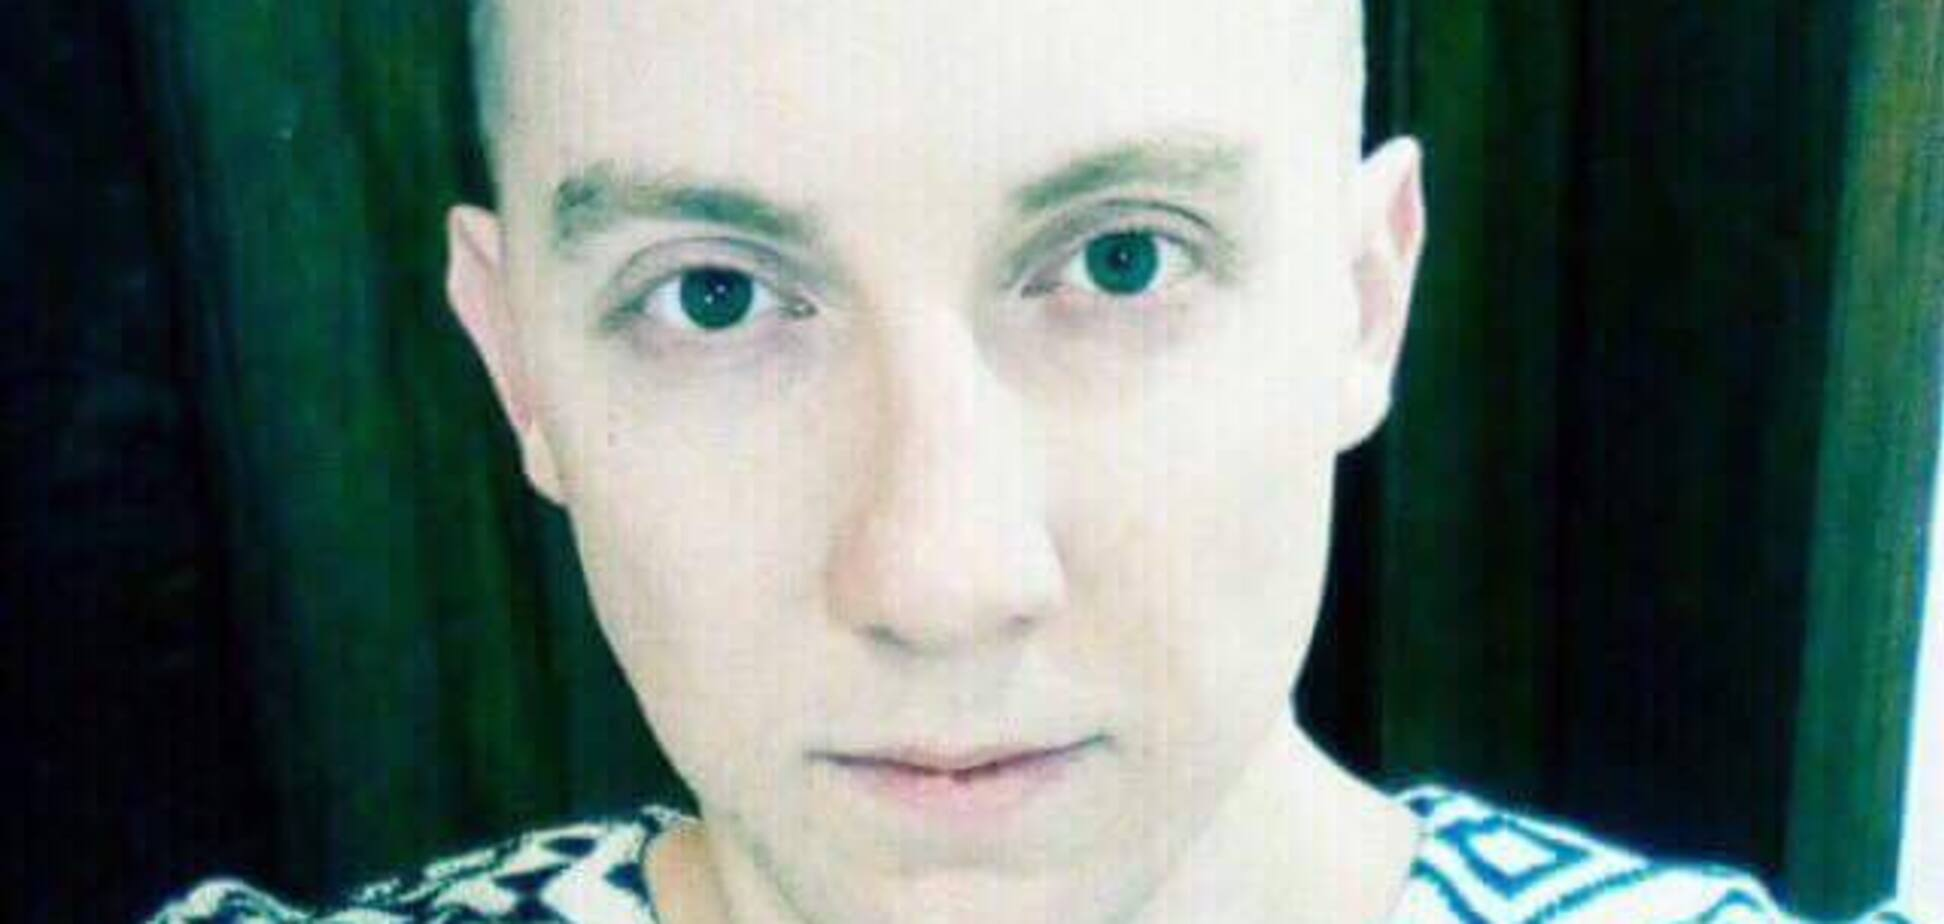 Террористы 'ДНР' посадили украинского журналиста в 'концлагерь' - экс-нардеп